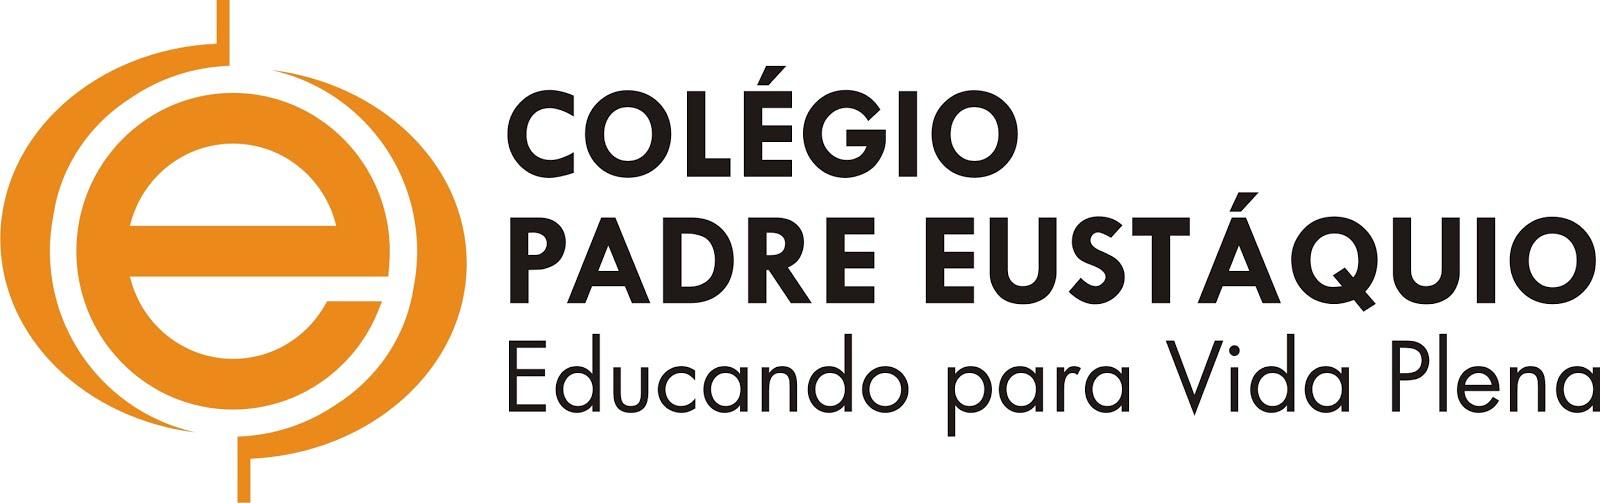 Colégio Padre Eustáquio